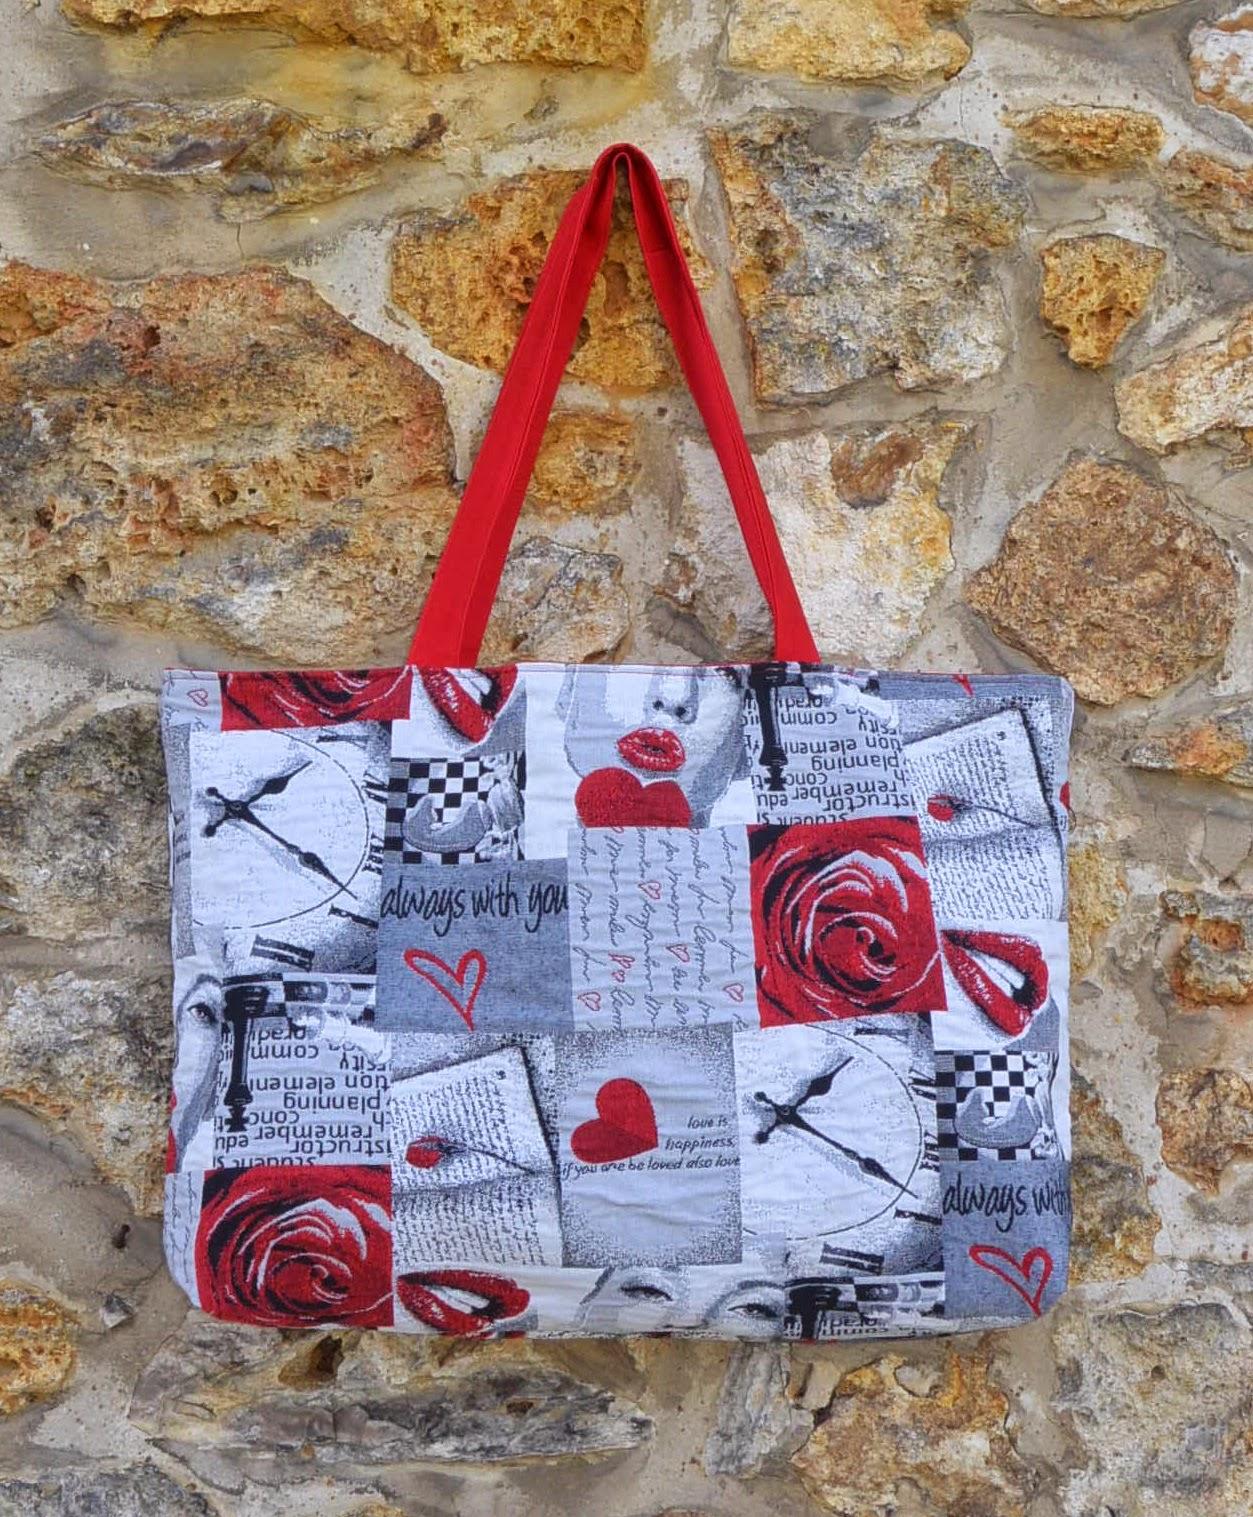 Sac L en tissu jacquard, grosse capacité de rangement, plage ou shopping.  poche intérieure zippée. Rouge et bisous glamour saint valentin.